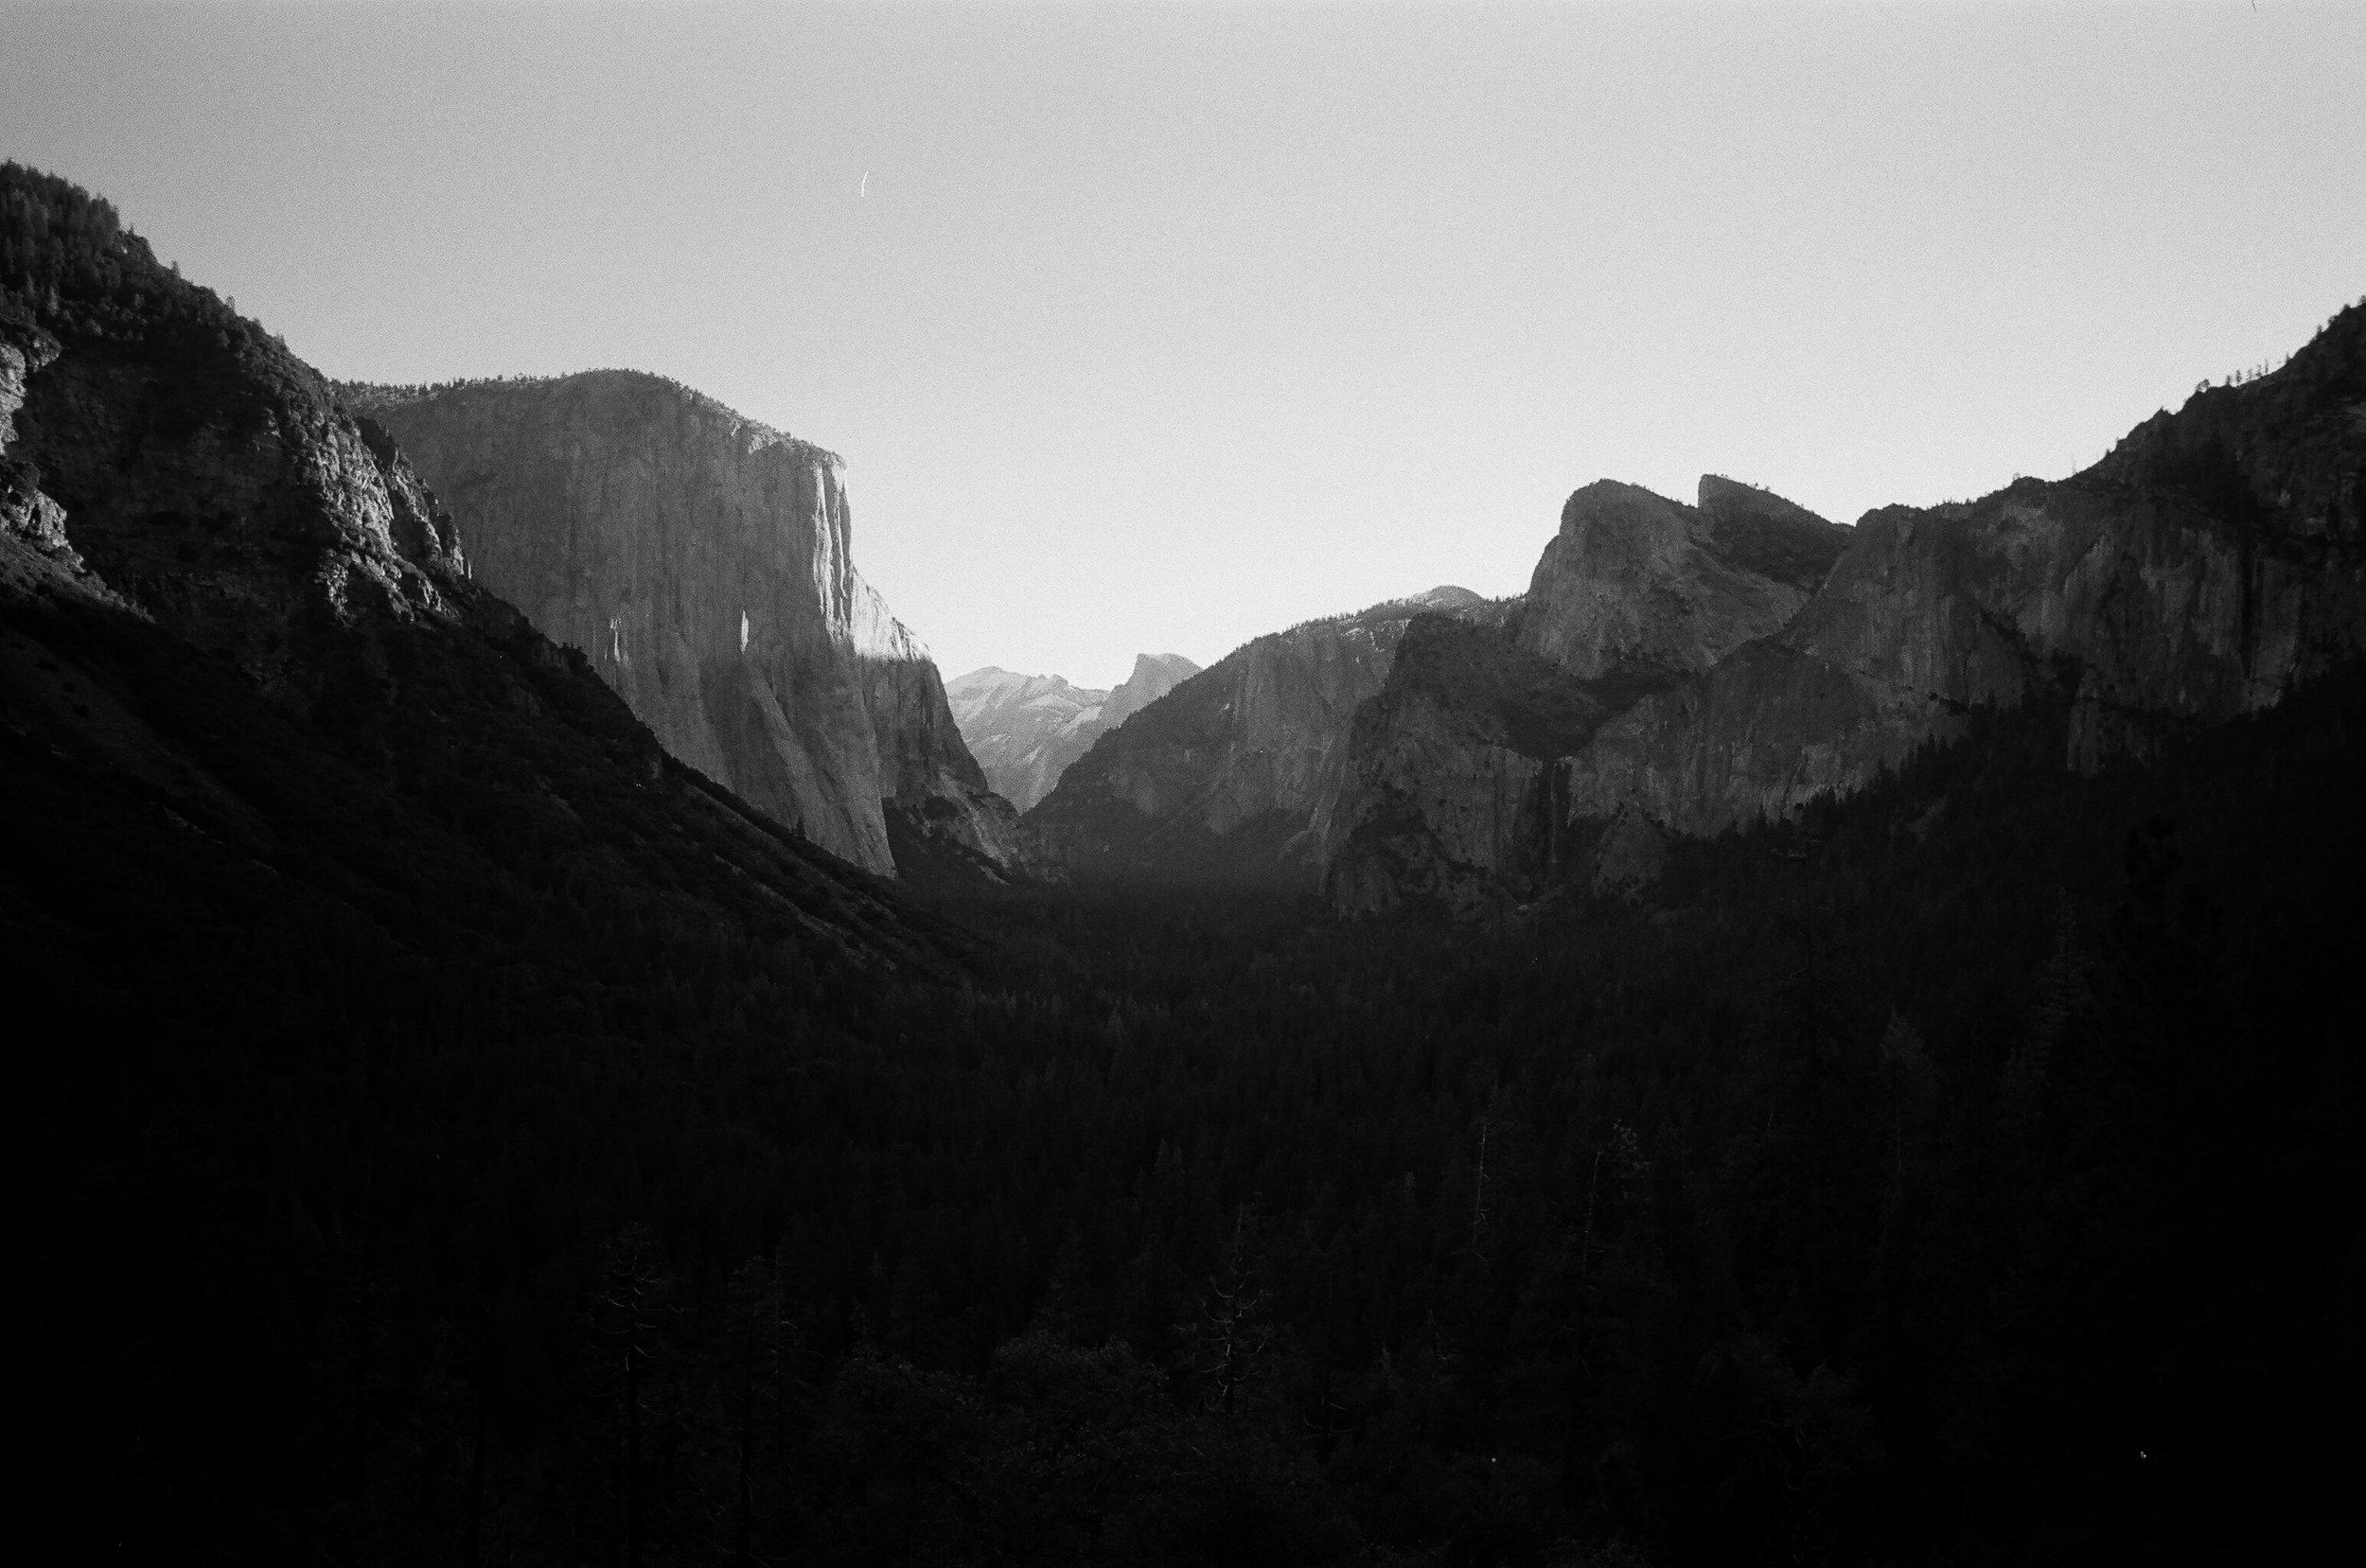 Yosemite_Kodak 400TX_35mm_9.jpg